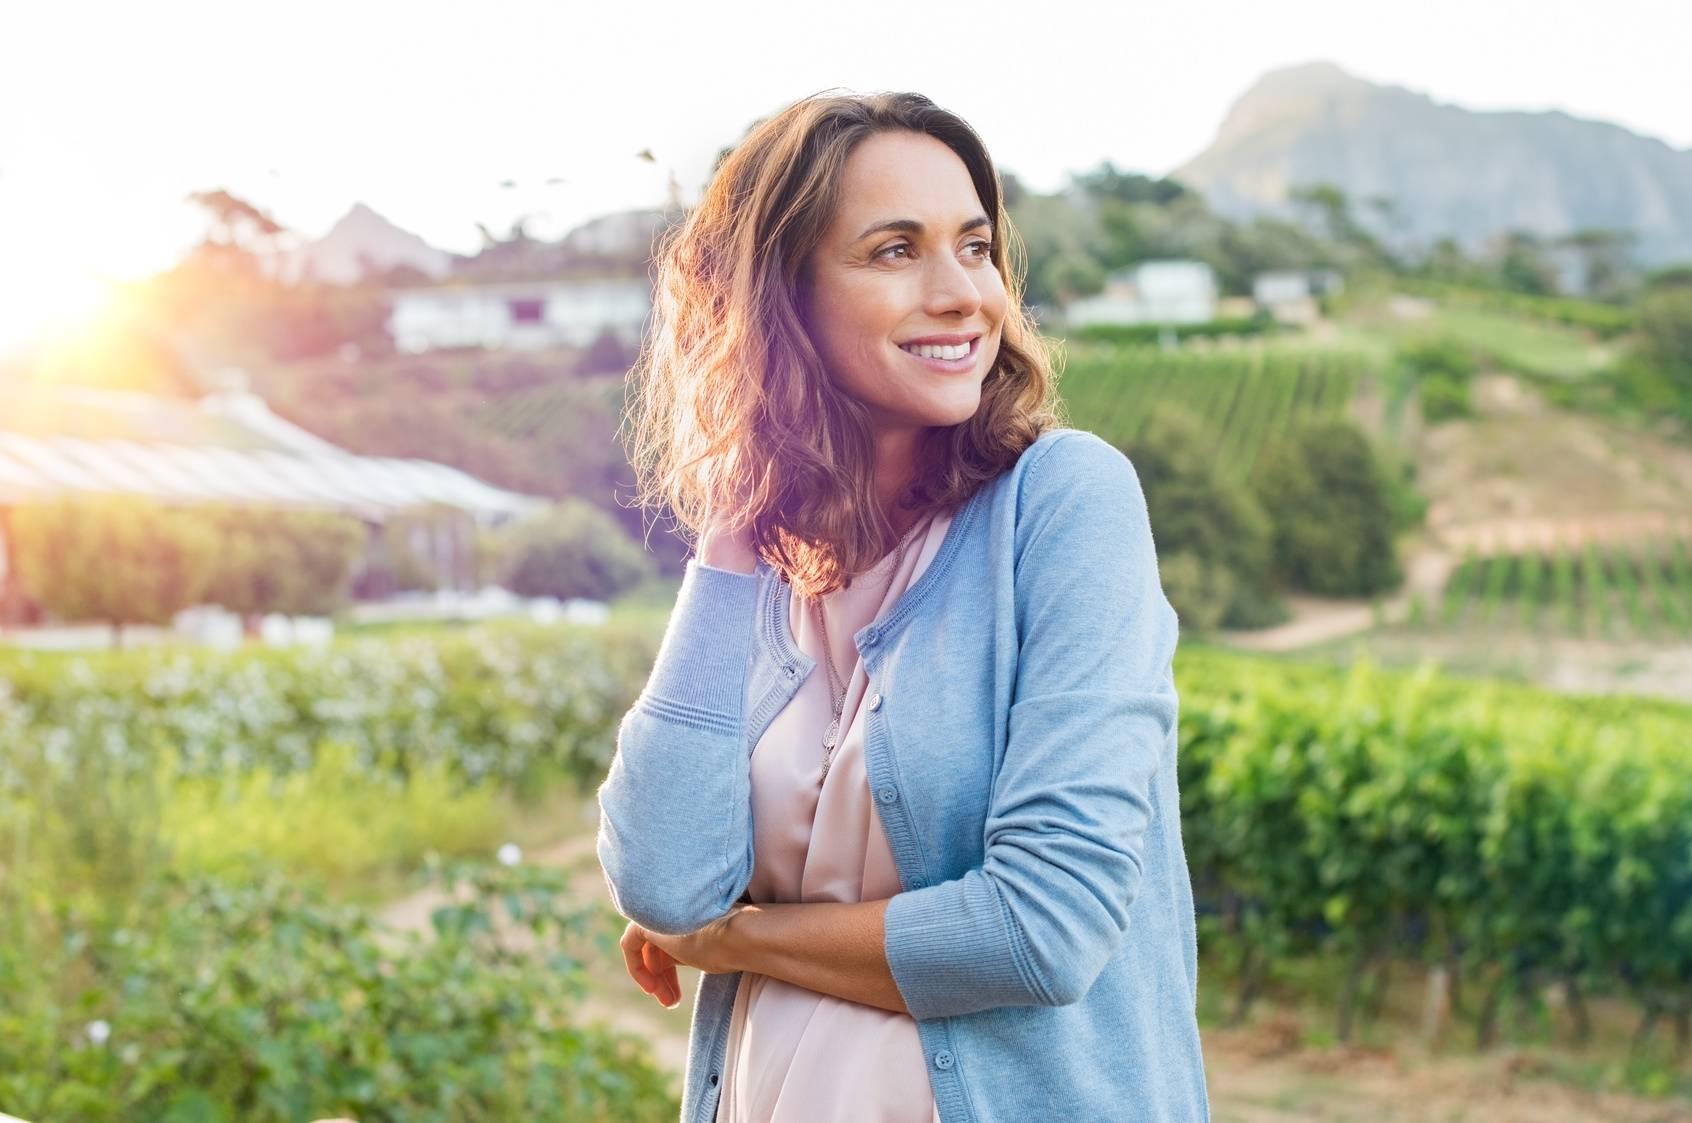 Niepłodność a miesiączka. Uśmiechnięta kobieta w niebieskim sweterku stoi na tle winnicy na prowincji.